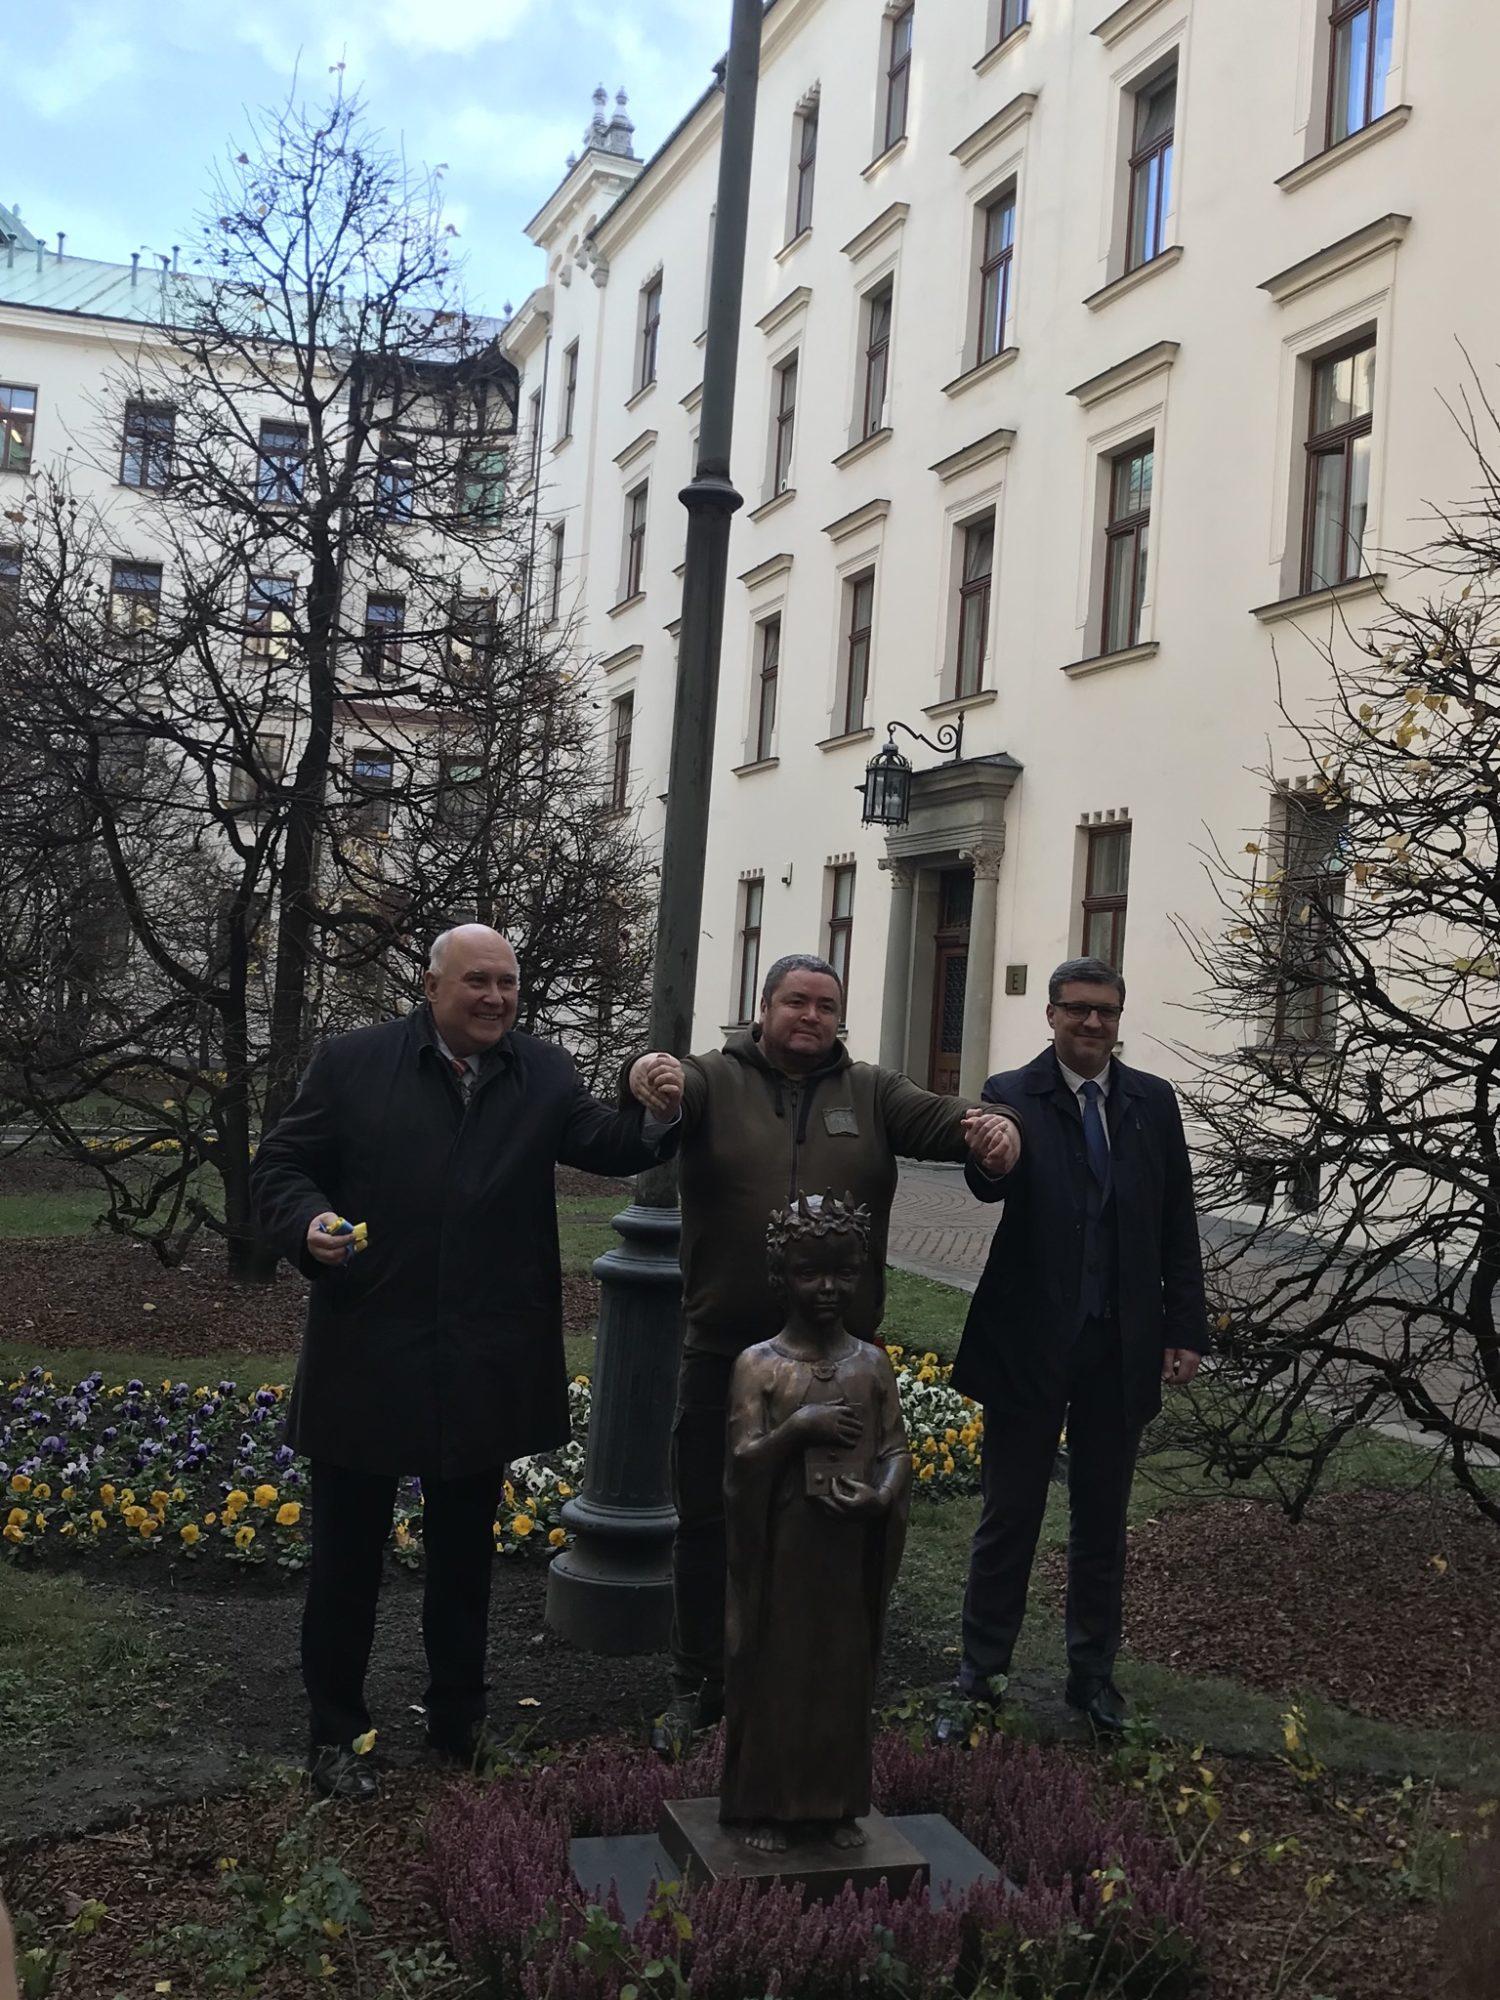 5dfc98b7-a9b2-4d9d-84b8-ba25f9cf4f9e-1500x2000 У Кракові відкрили пам'ятник Анні Київській